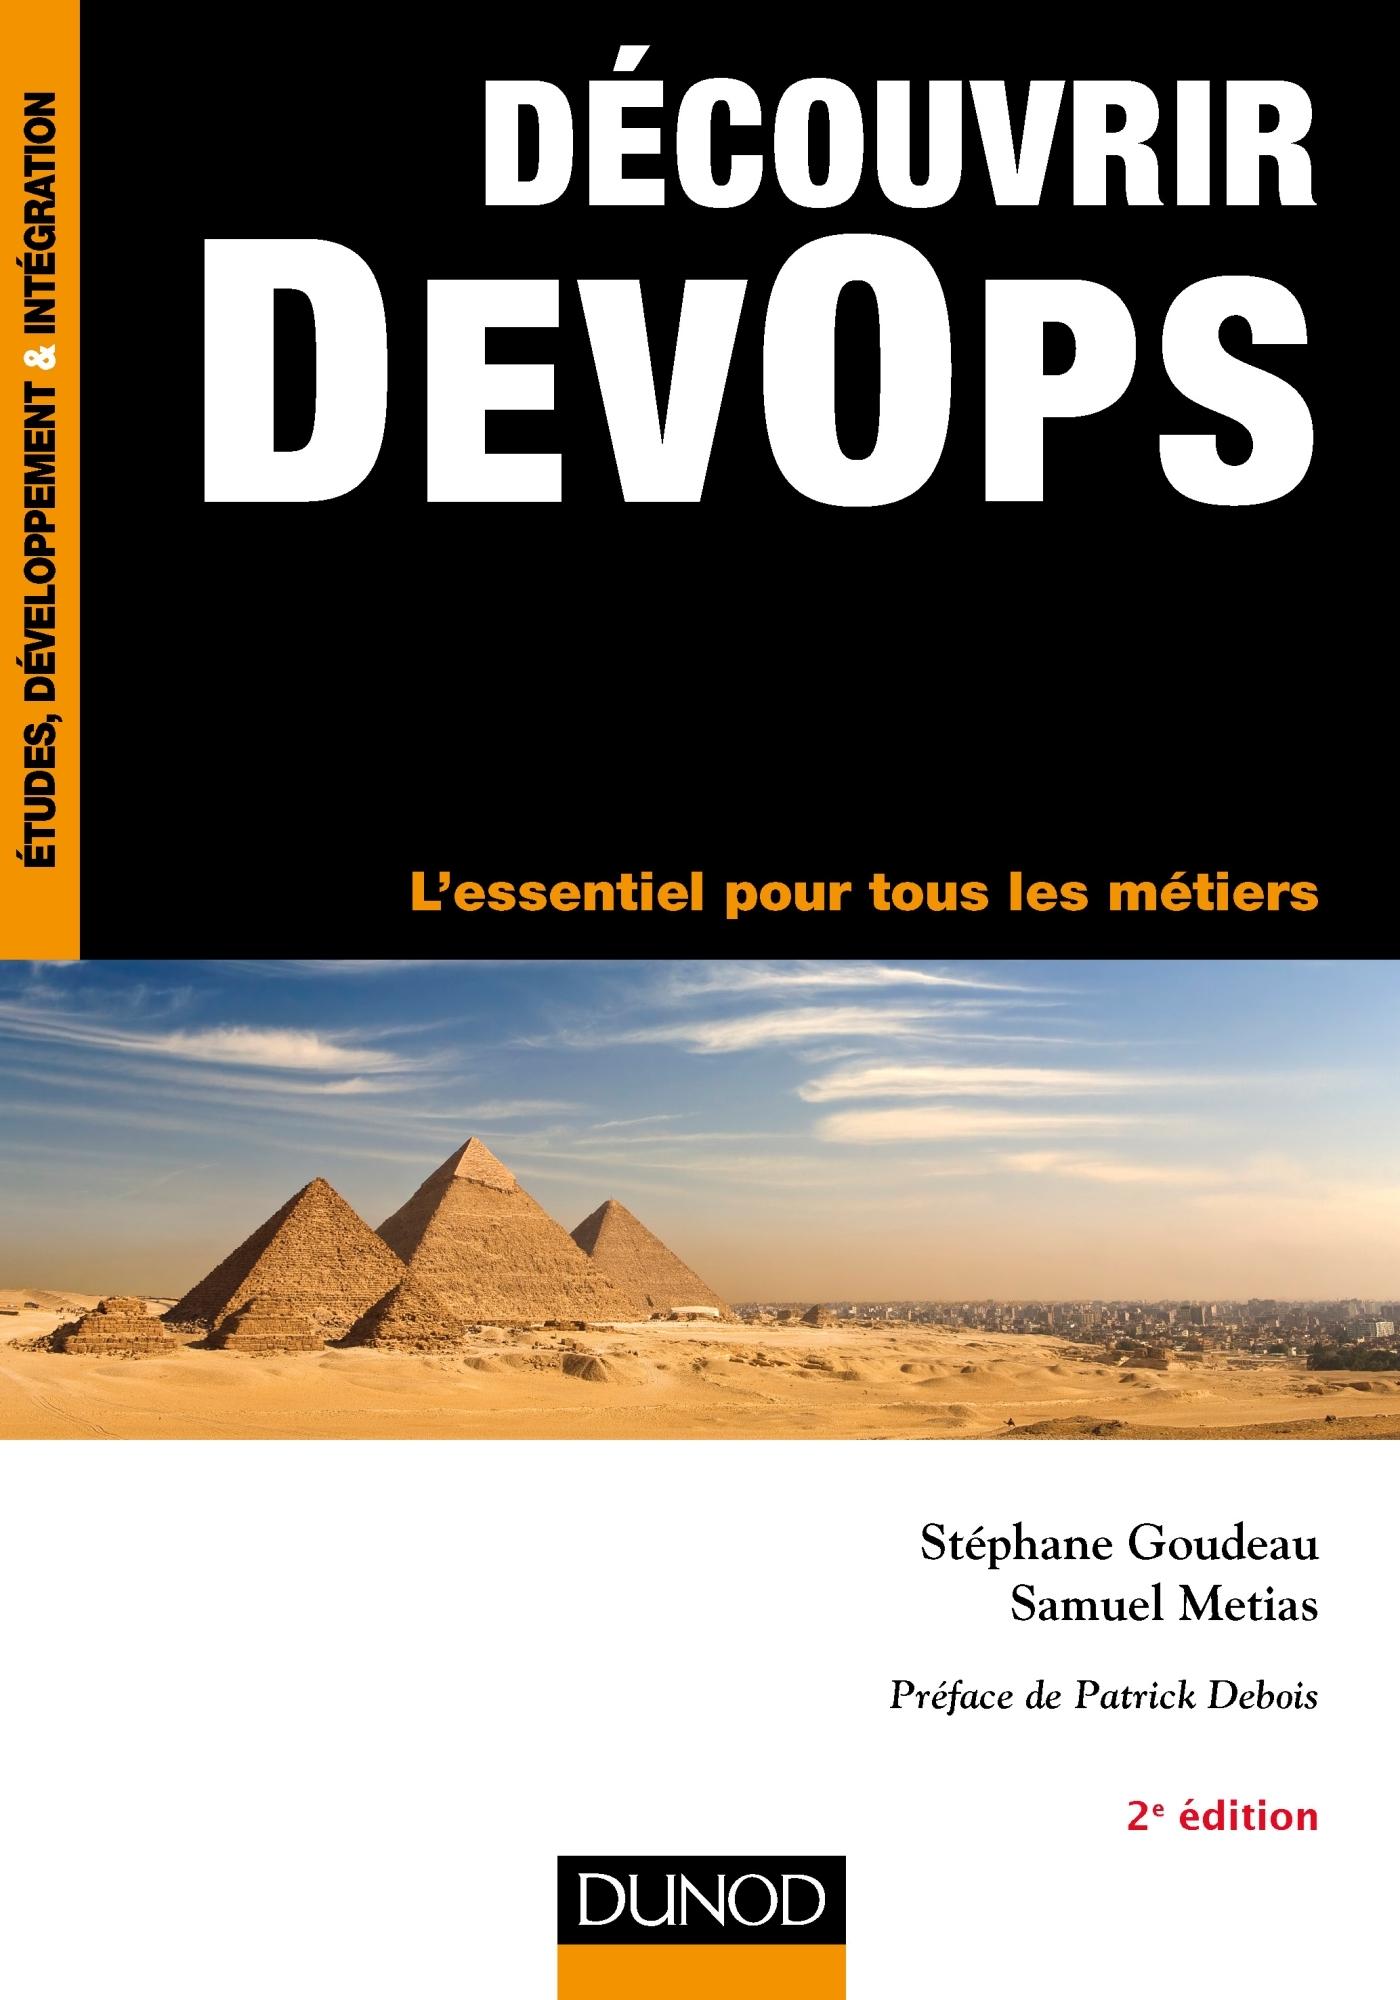 DECOUVRIR DEVOPS - 2E ED. - L'ESSENTIEL POUR TOUS LES METIERS